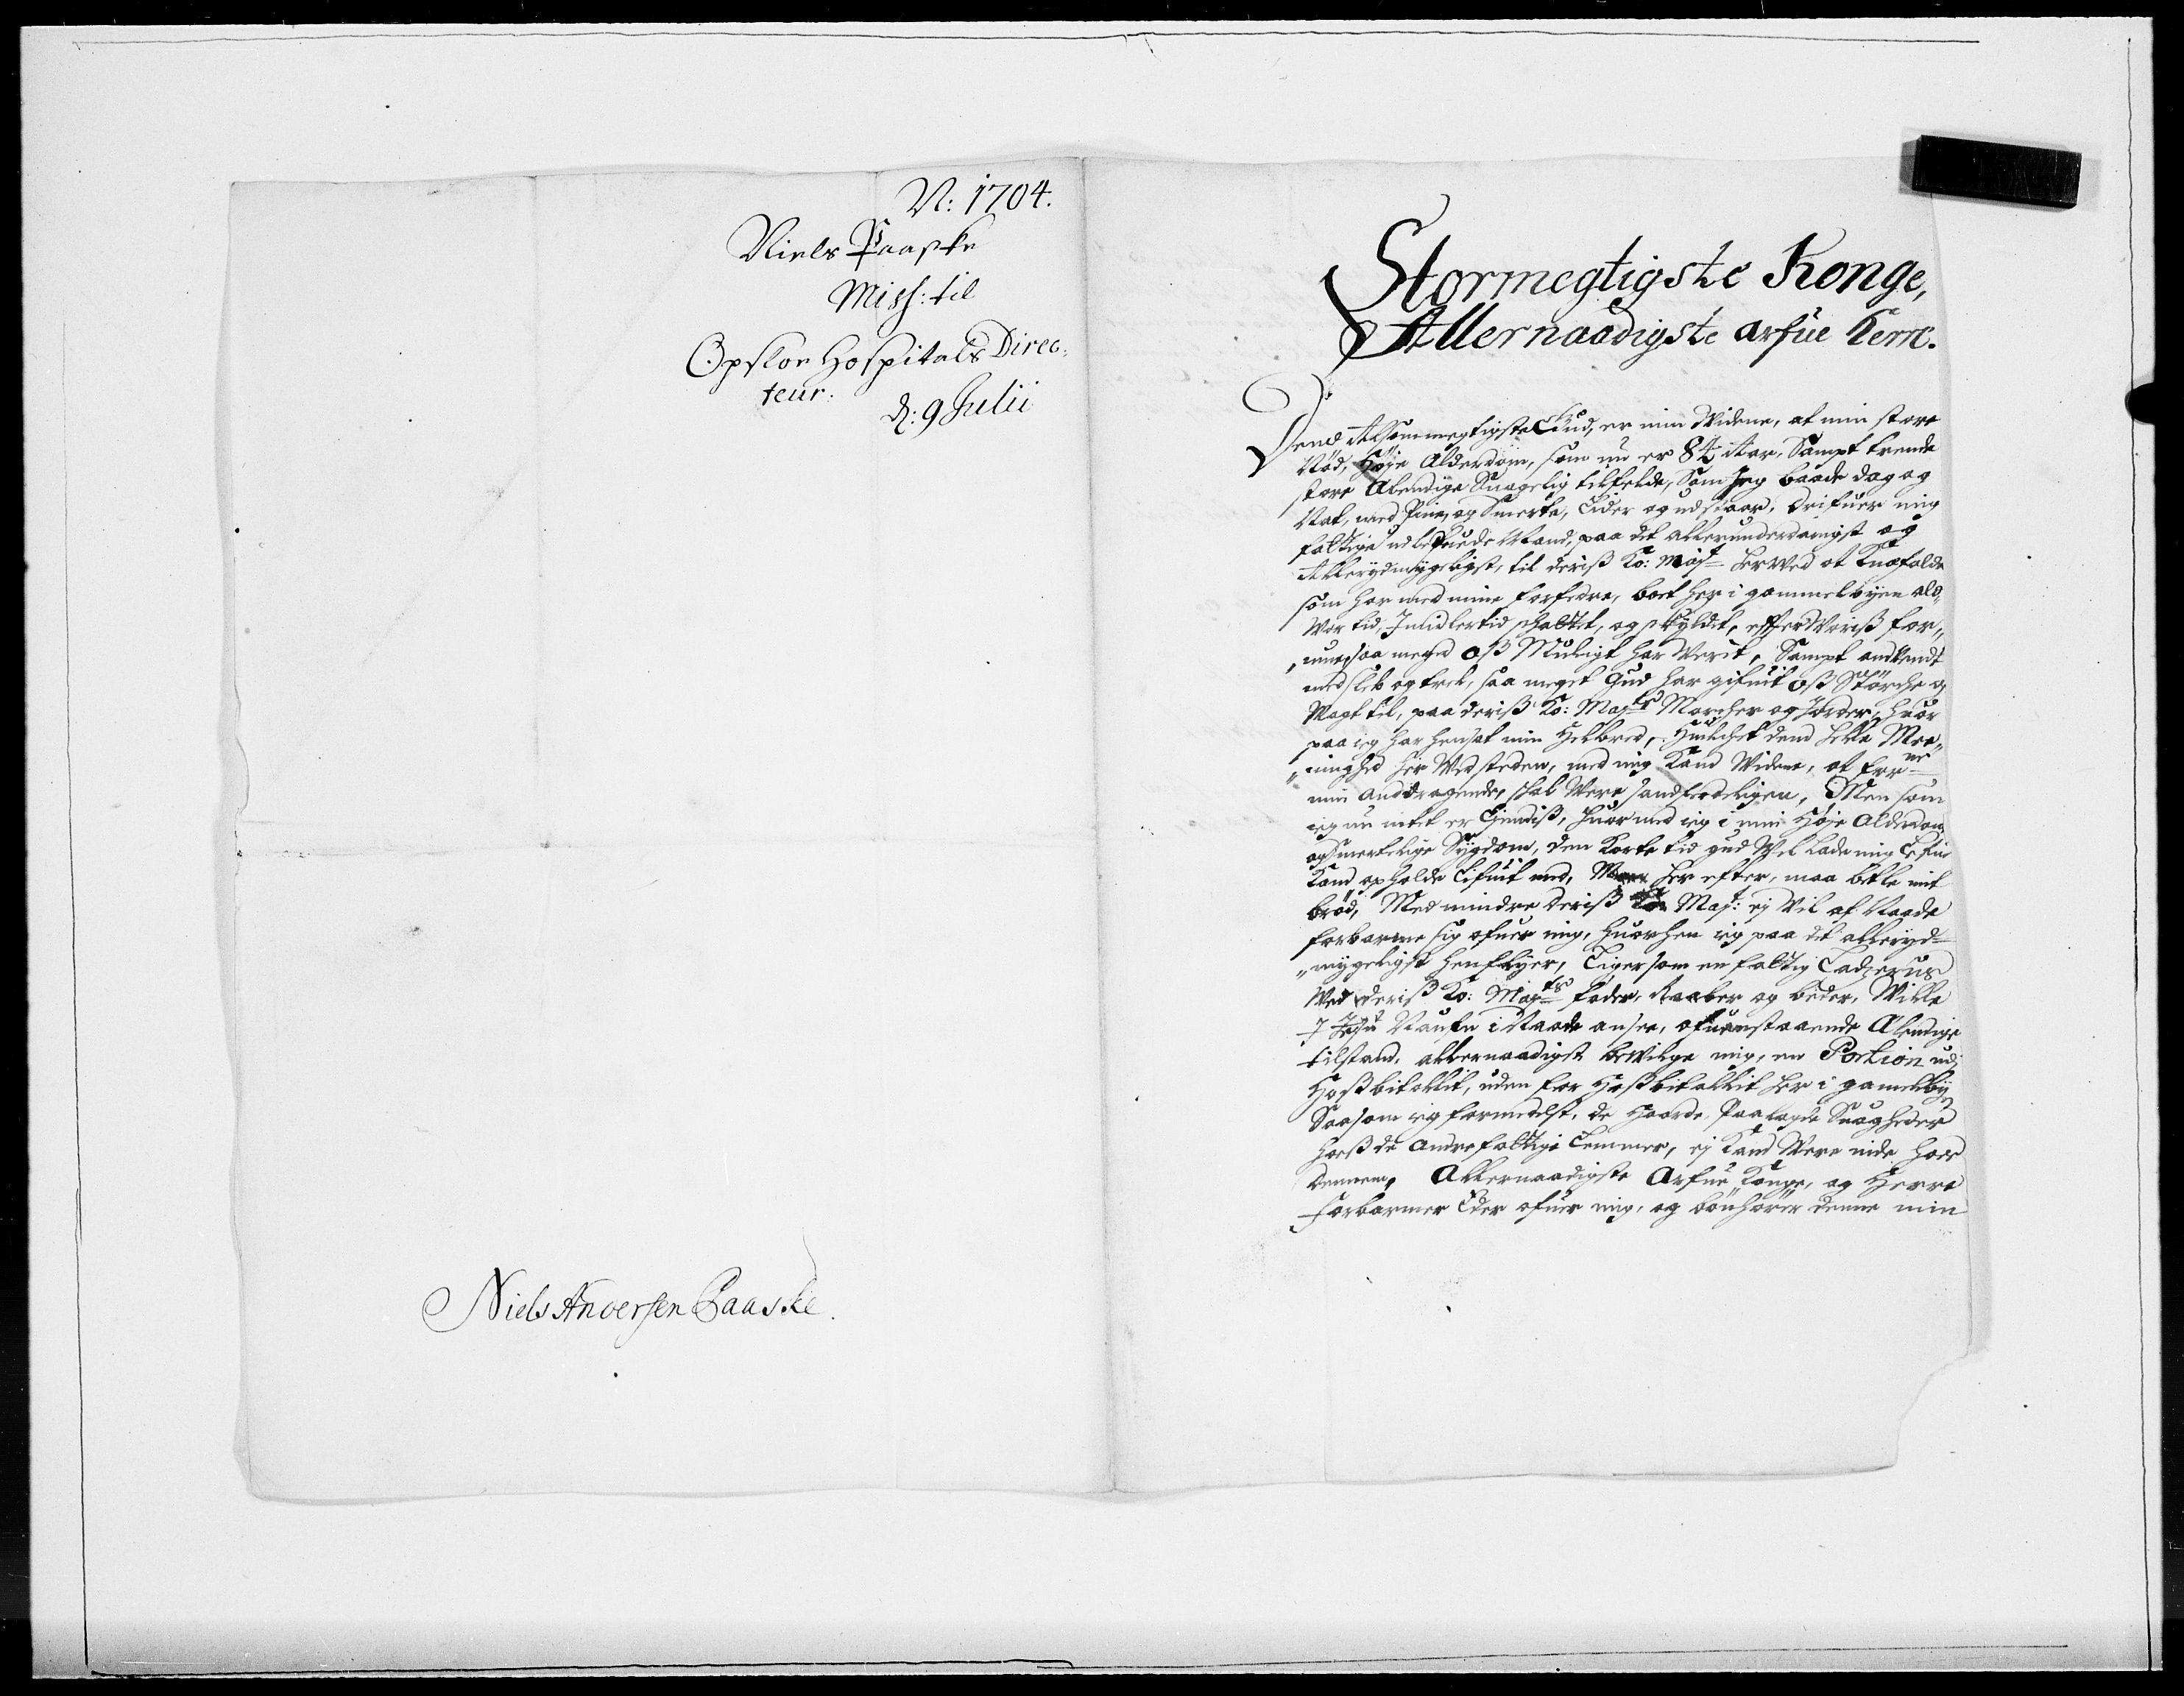 RA, Danske Kanselli 1572-1799, F/Fc/Fcc/Fcca/L0057: Norske innlegg 1572-1799, 1704, s. 110